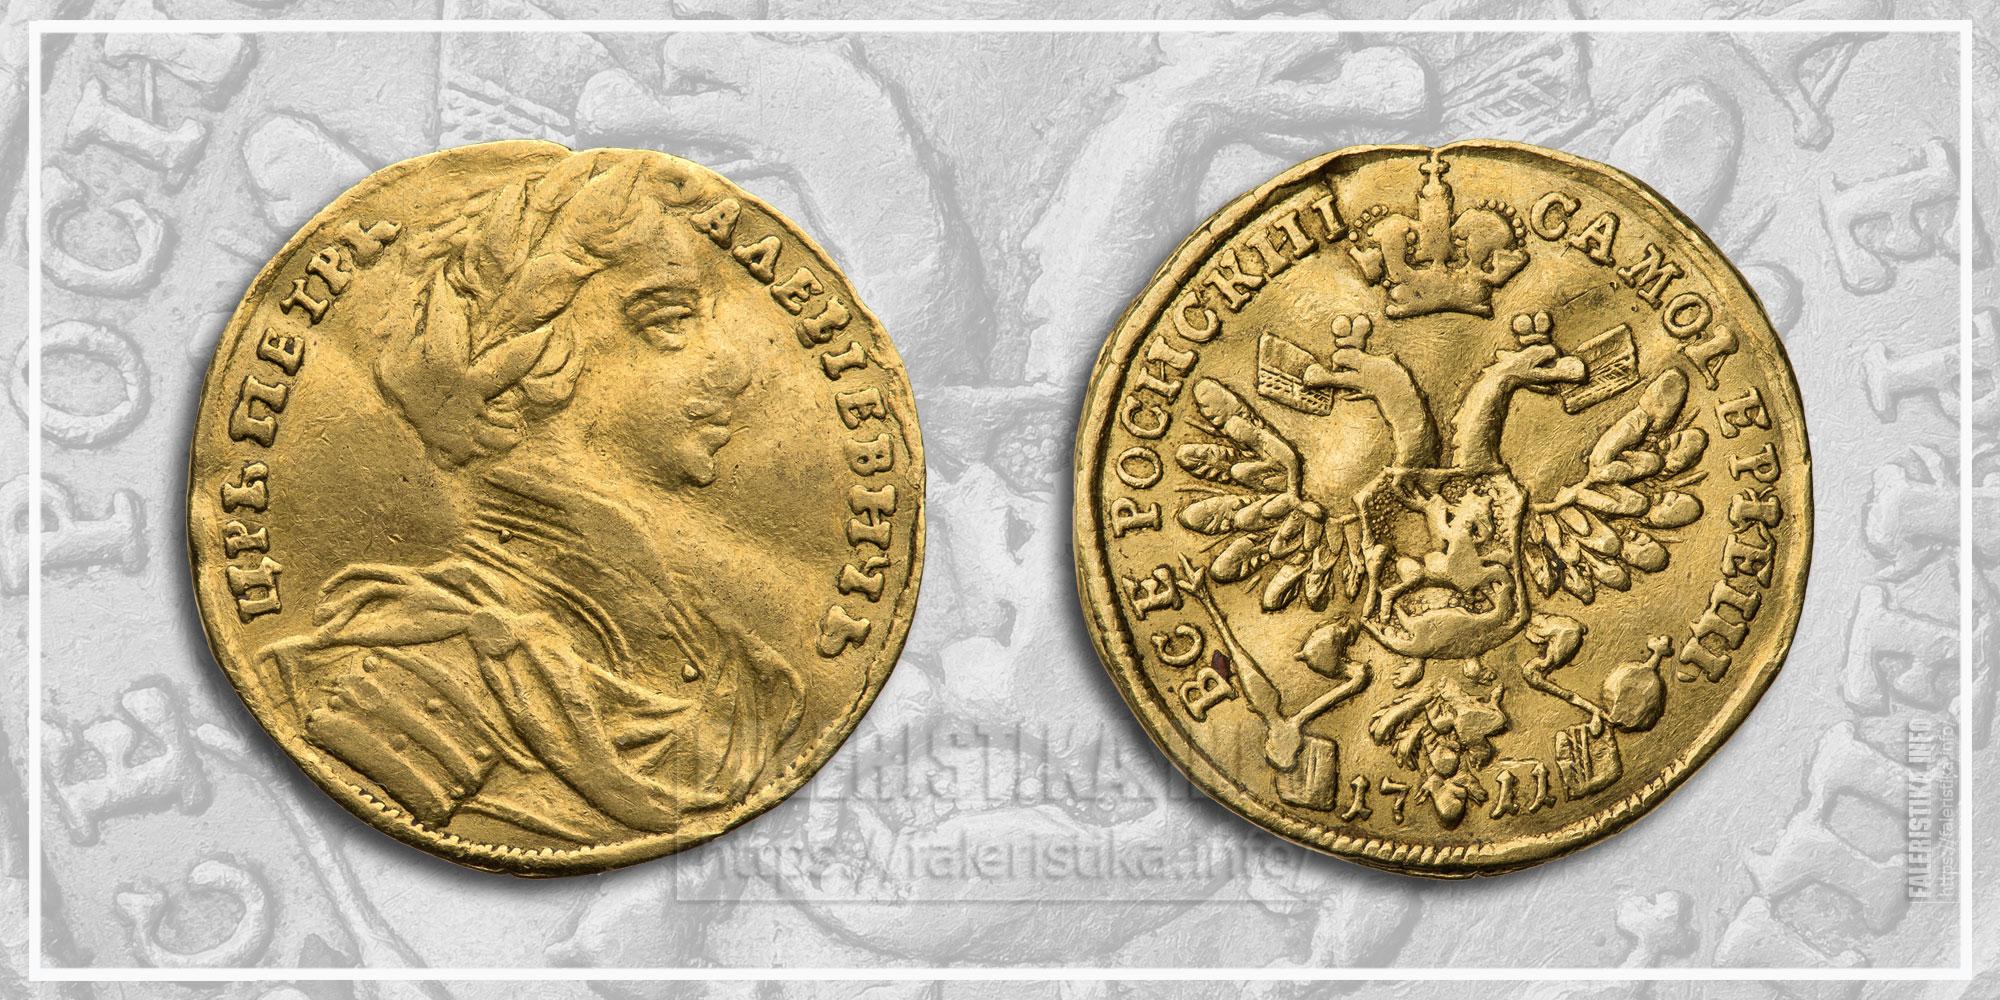 Червонец 1711 г. Царь Пётр Алексеевич (1682–1725). Музей Международного нумизматического клуба